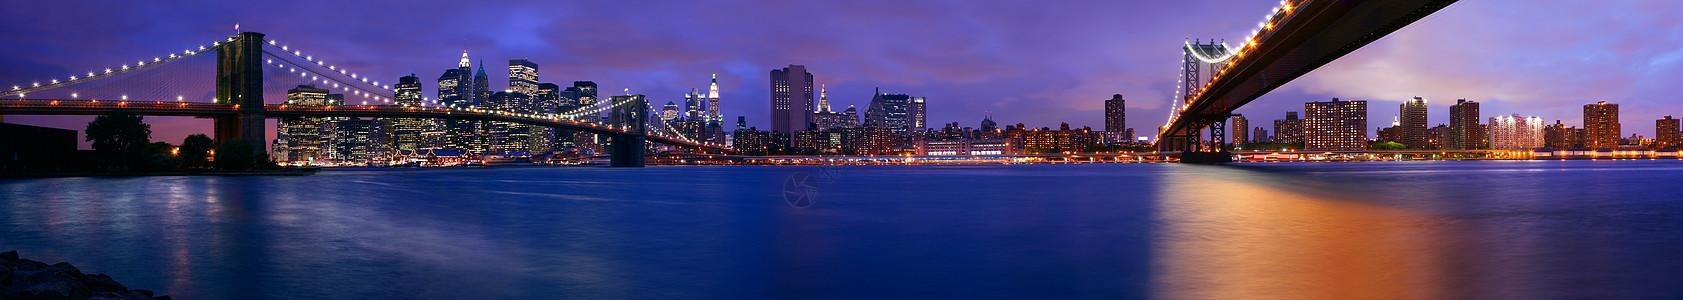 纽约市夜景图片